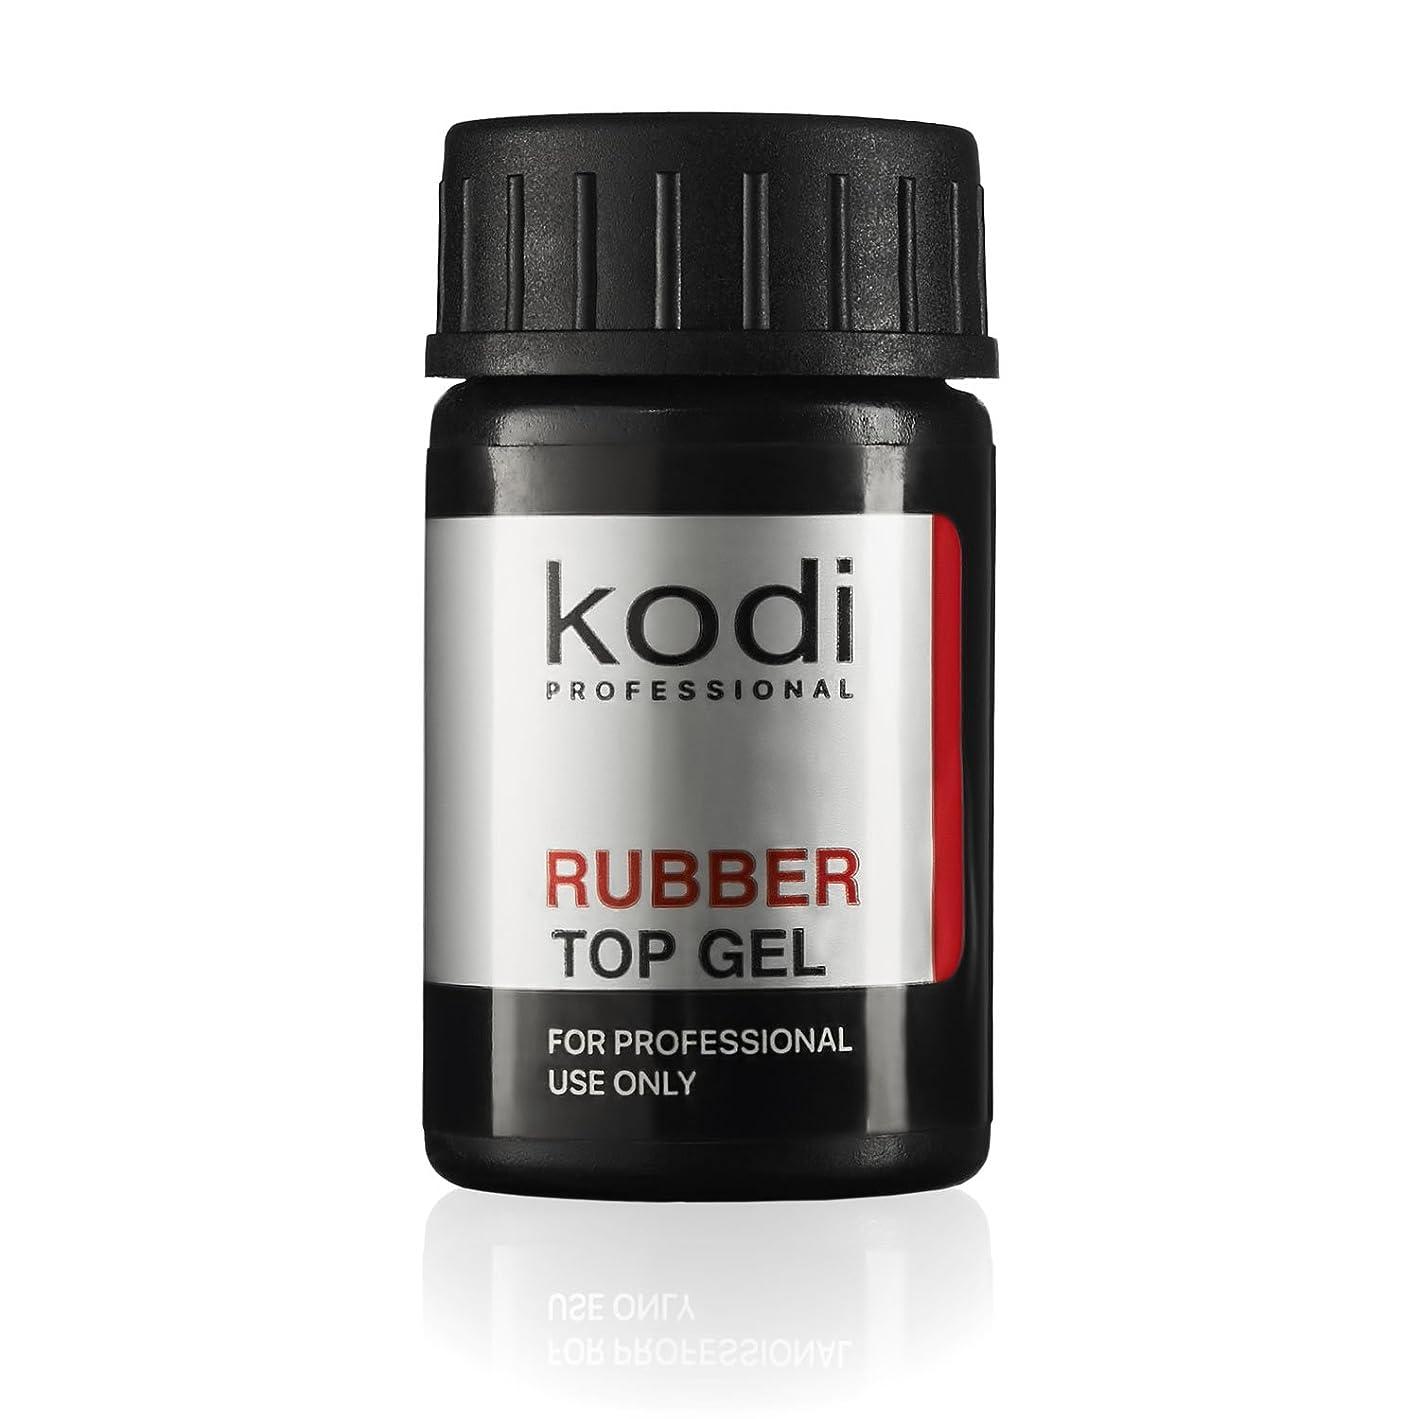 きつくバナー艦隊Professional Rubber Top Gel By Kodi | Soak Off, Polish Fingernails Coat Gel | For Long Lasting Nails Layer | Easy To Use, Non-Toxic & Scentless | Cure Under LED Or UV Lamp | 14ml 0.49 oz